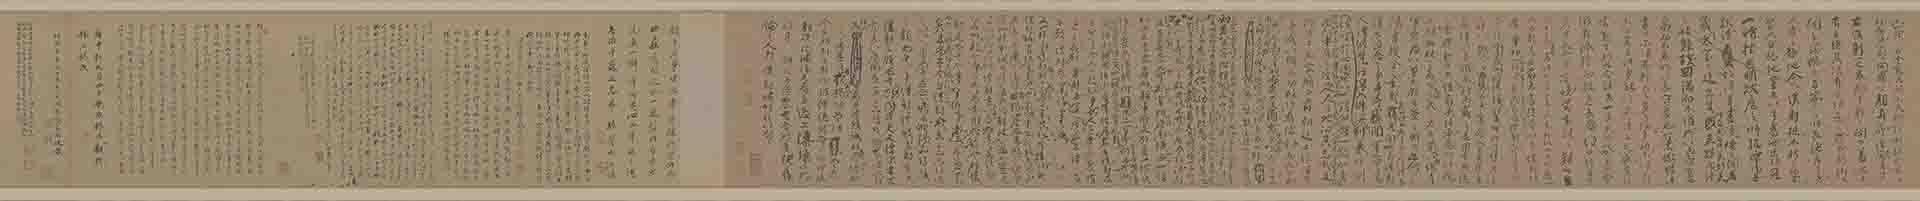 (玄)唐 颜真卿 争座位帖(全卷)纸本38x370